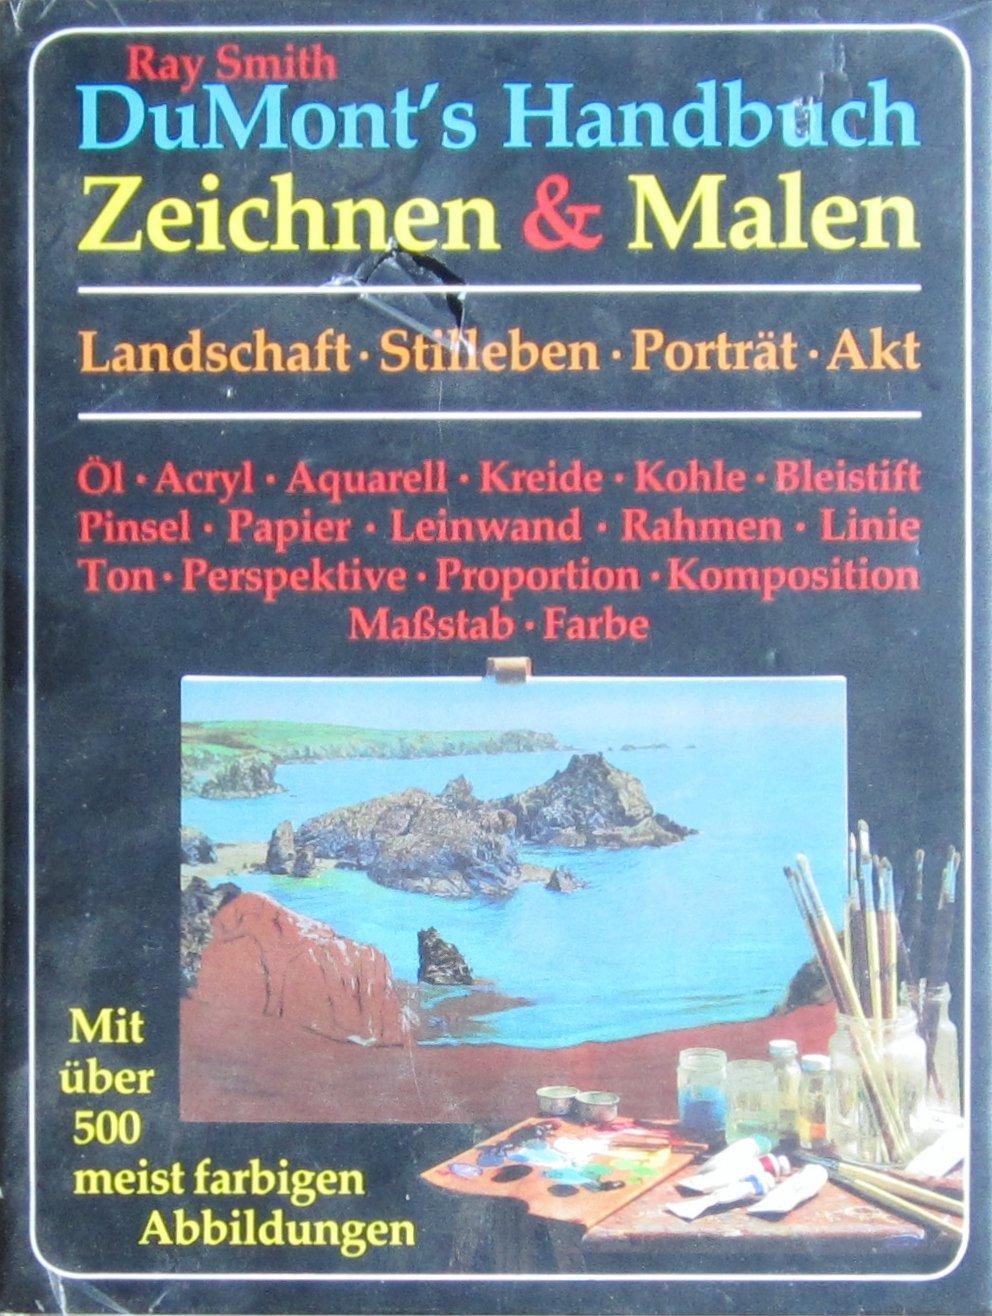 dumonts-handbuch-zeichnen-und-malen-landschaft-stilleben-portrt-akt